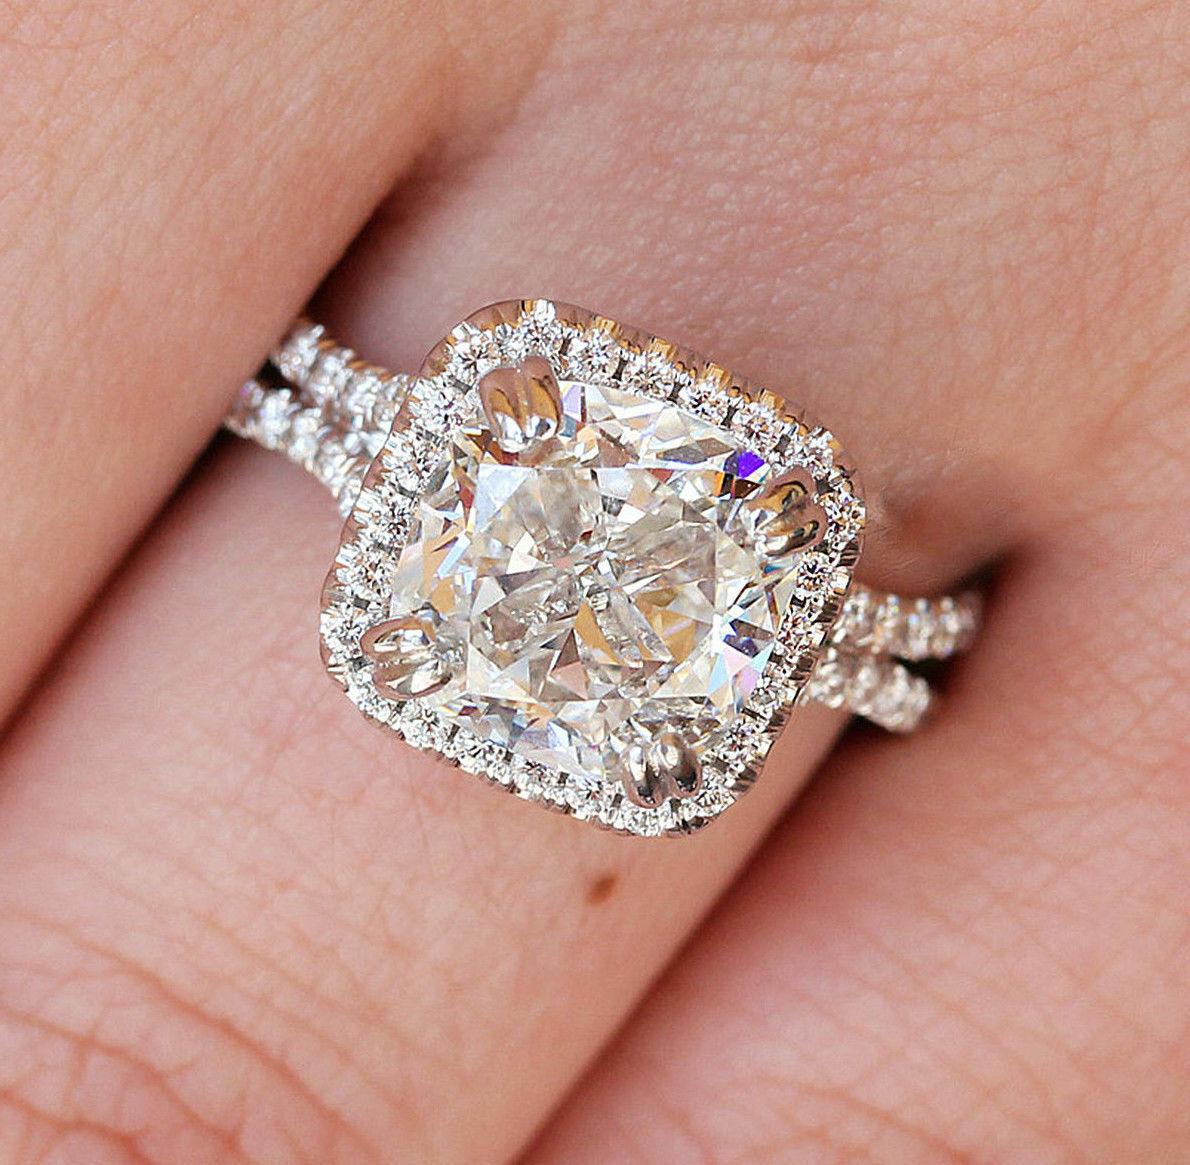 GIA Certified Diamond Engagement Ring Cushion Cut 14k White Gold 2.18 carat